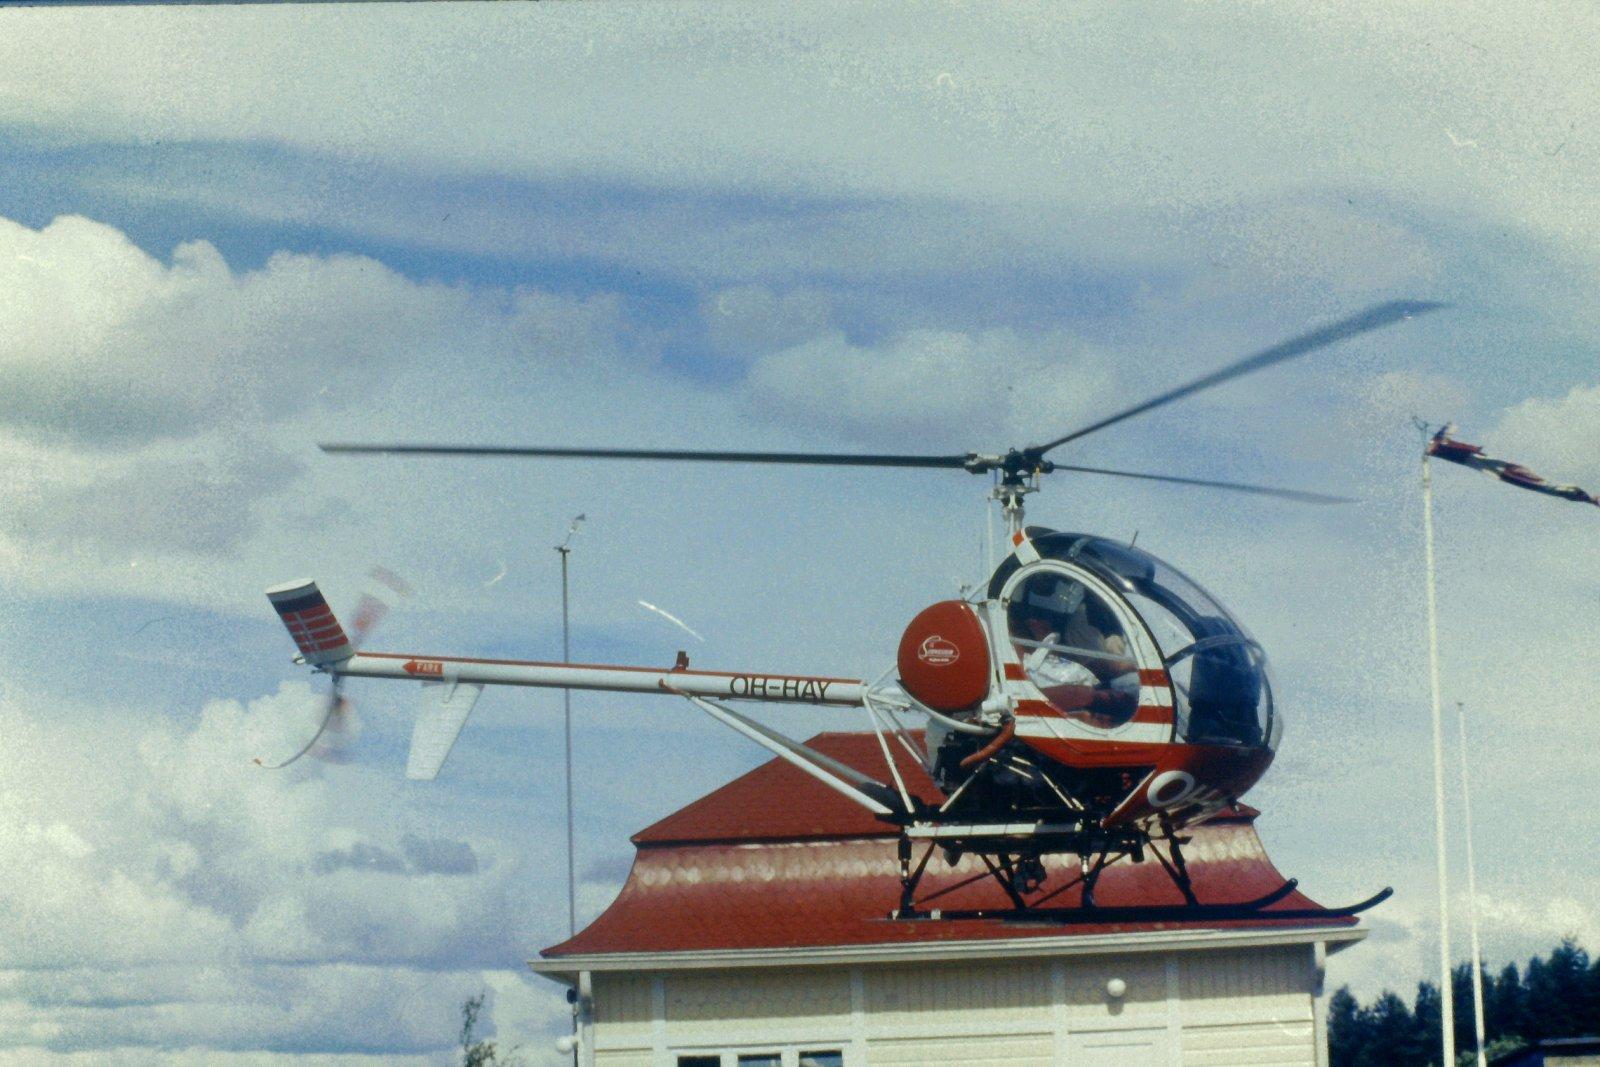 Hughes 300-269C OH-HAY EFHN 1990